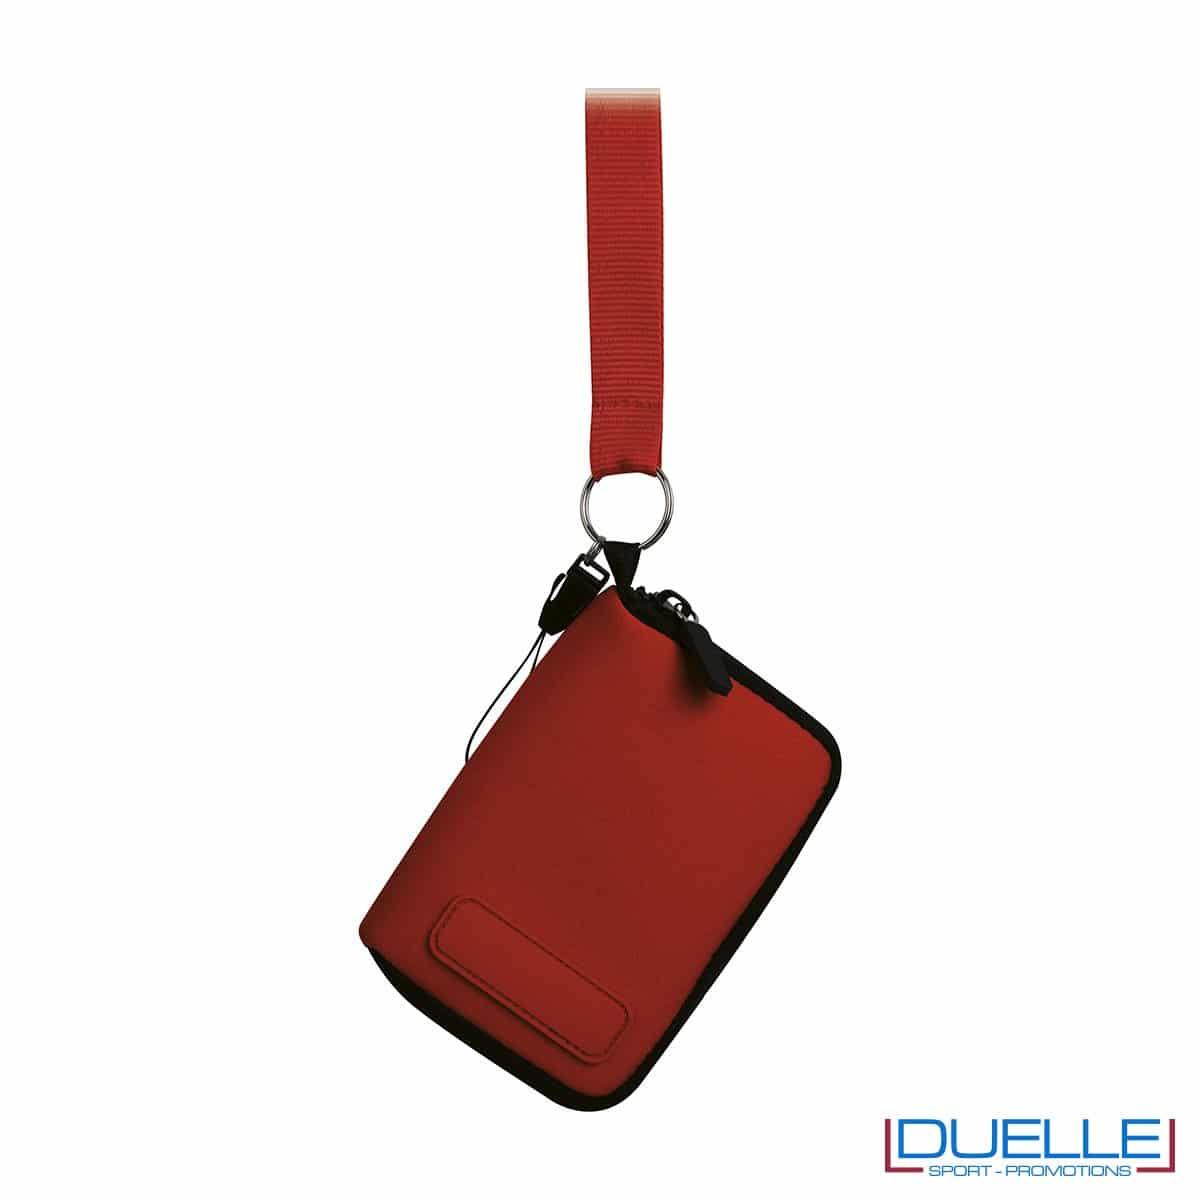 portacellulare da collo con cerniera e foro per cuffie in colore rosso personalizzato, gadget estate, gadget personalizzati